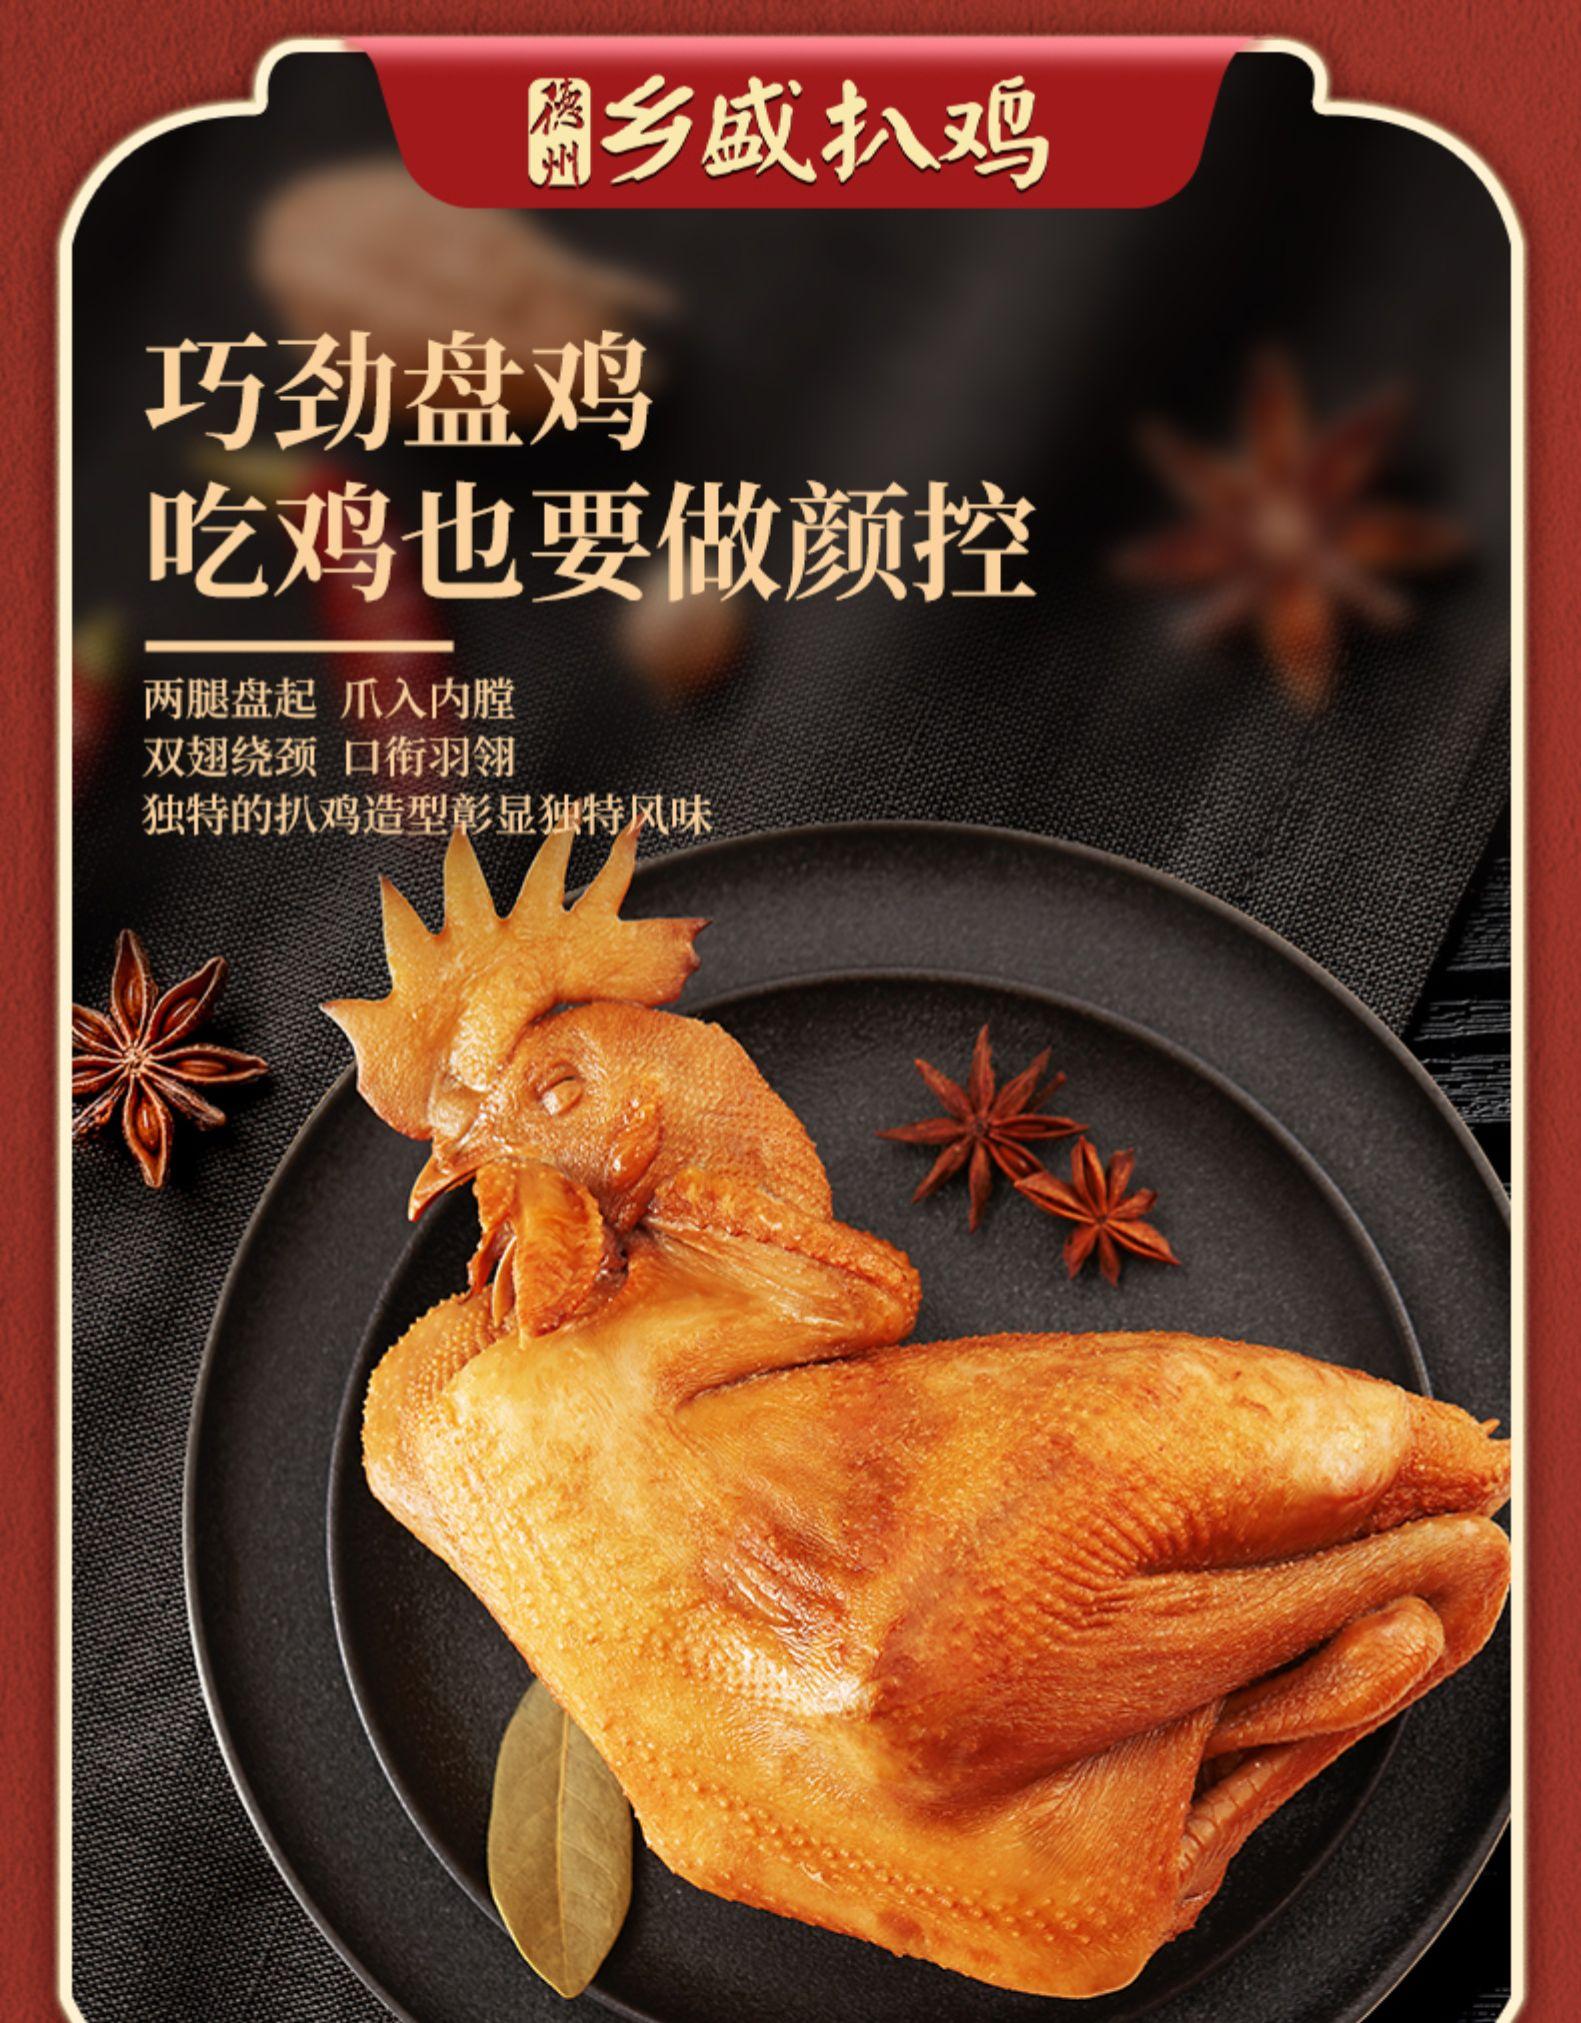 【老汤扒鸡】德州乡盛五香鸡脱骨烧鸡清真滷味熟食整隻鸡特产详细照片